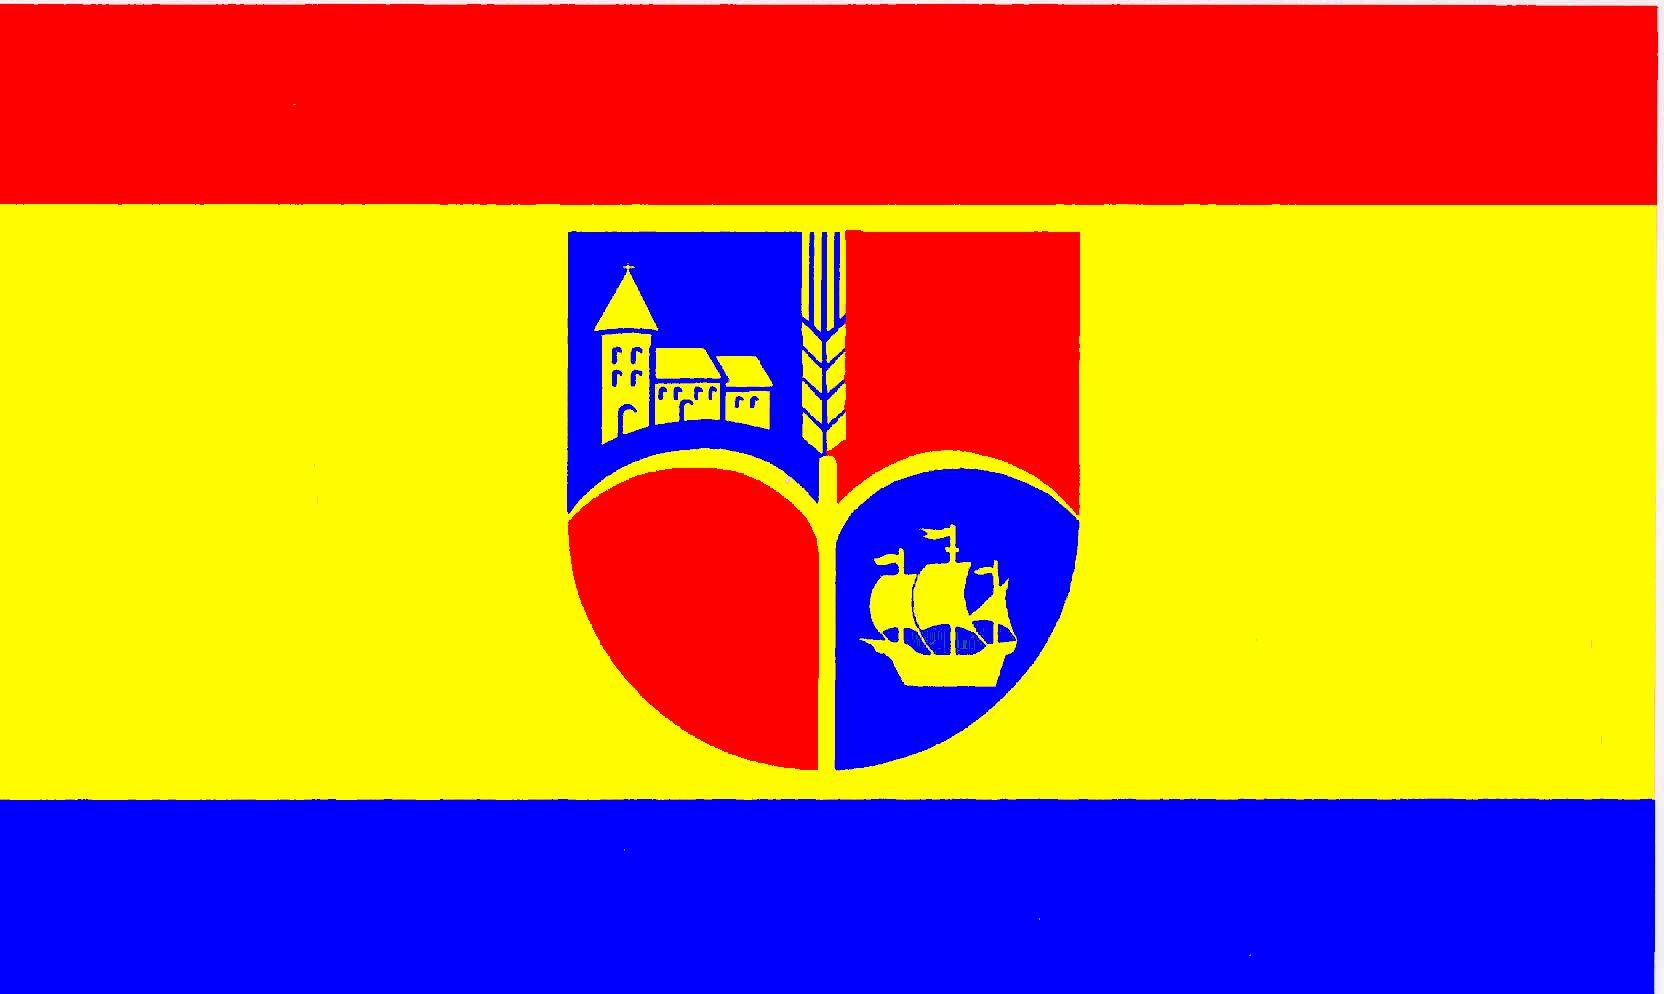 Flagge GemeindeOldenswort, Kreis Nordfriesland